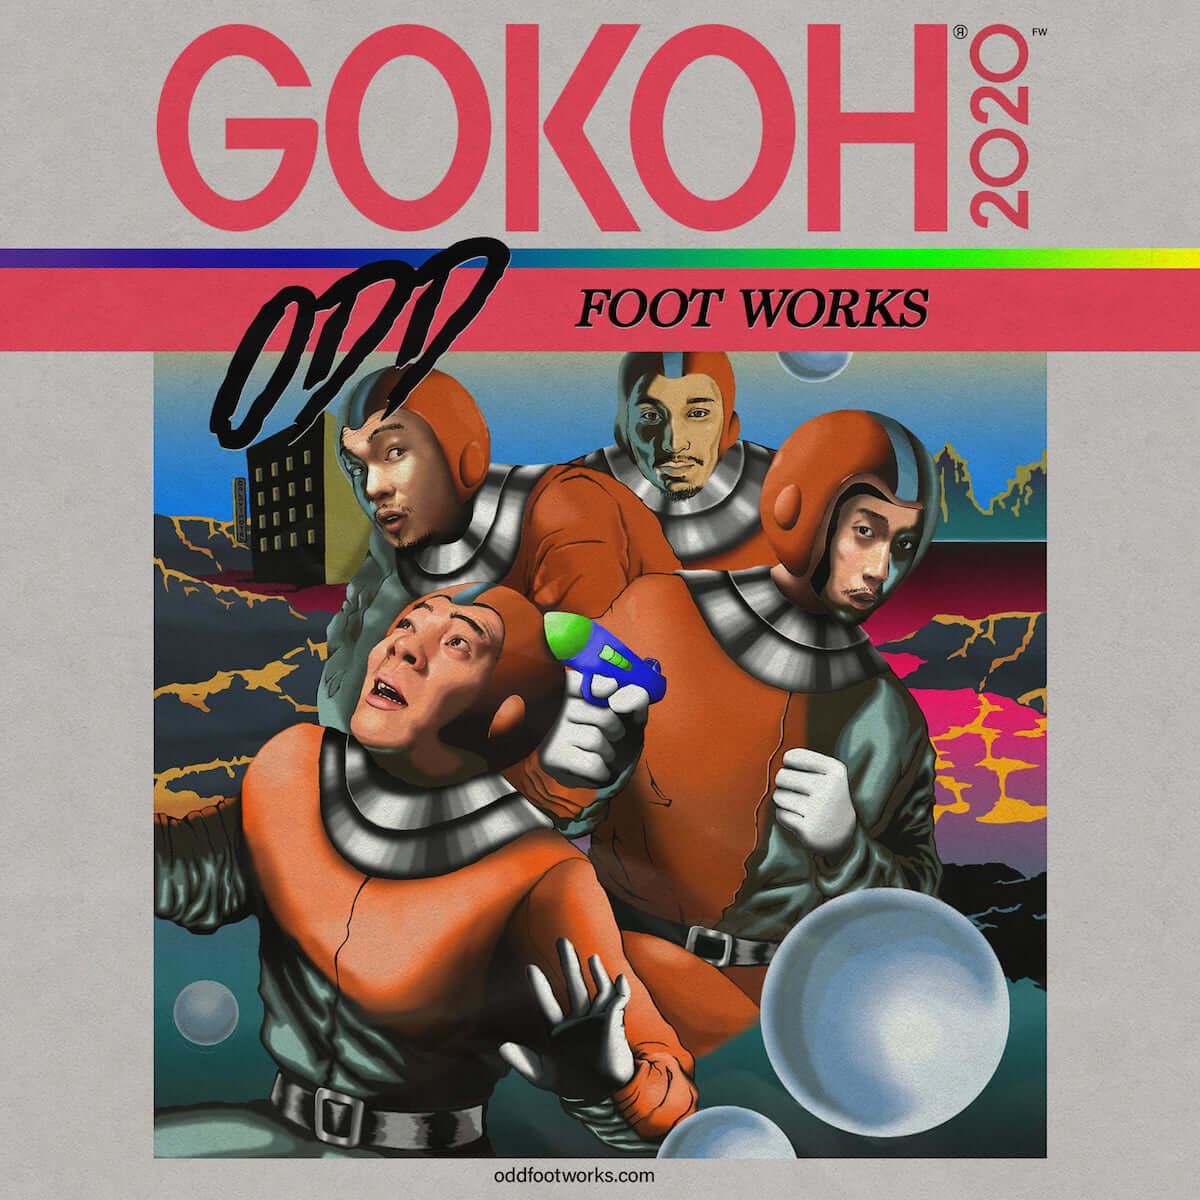 踊Foot Works、新作『GOKOH』を4月24日に全曲配信リリース|本日より新曲の先行配信が開始&ジャケ写も公開 music190403-oddfootworks-1200x1200